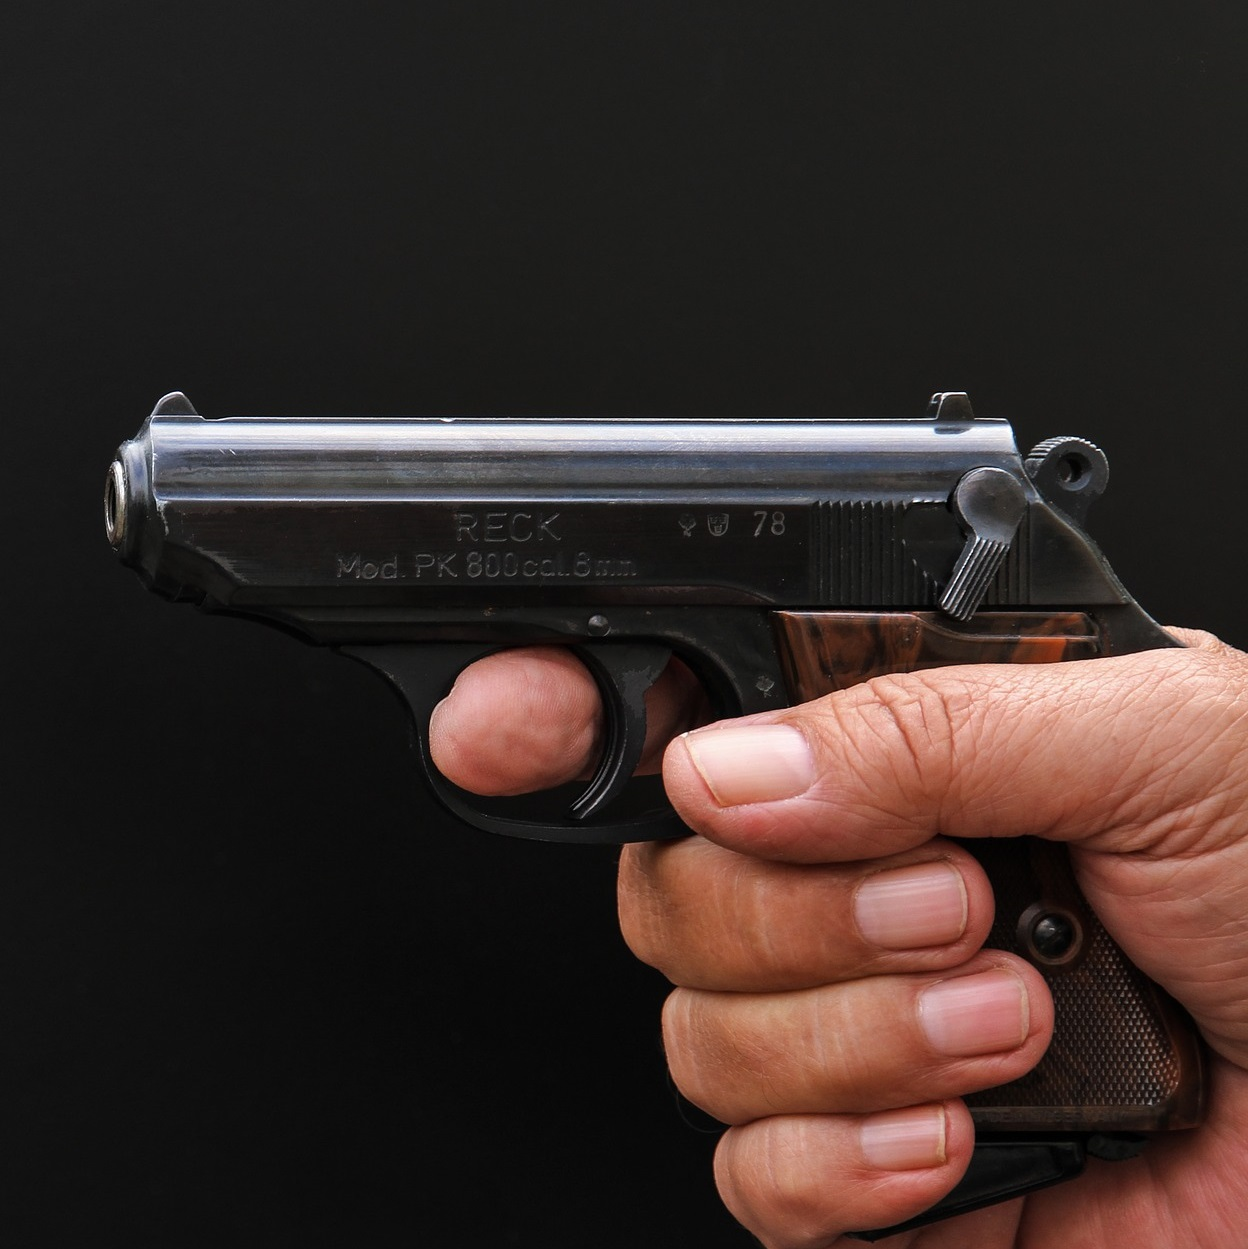 Das Waffengesetz in Österreich - Anforderungen und Regeln zum Besitz einer Schusswaffe